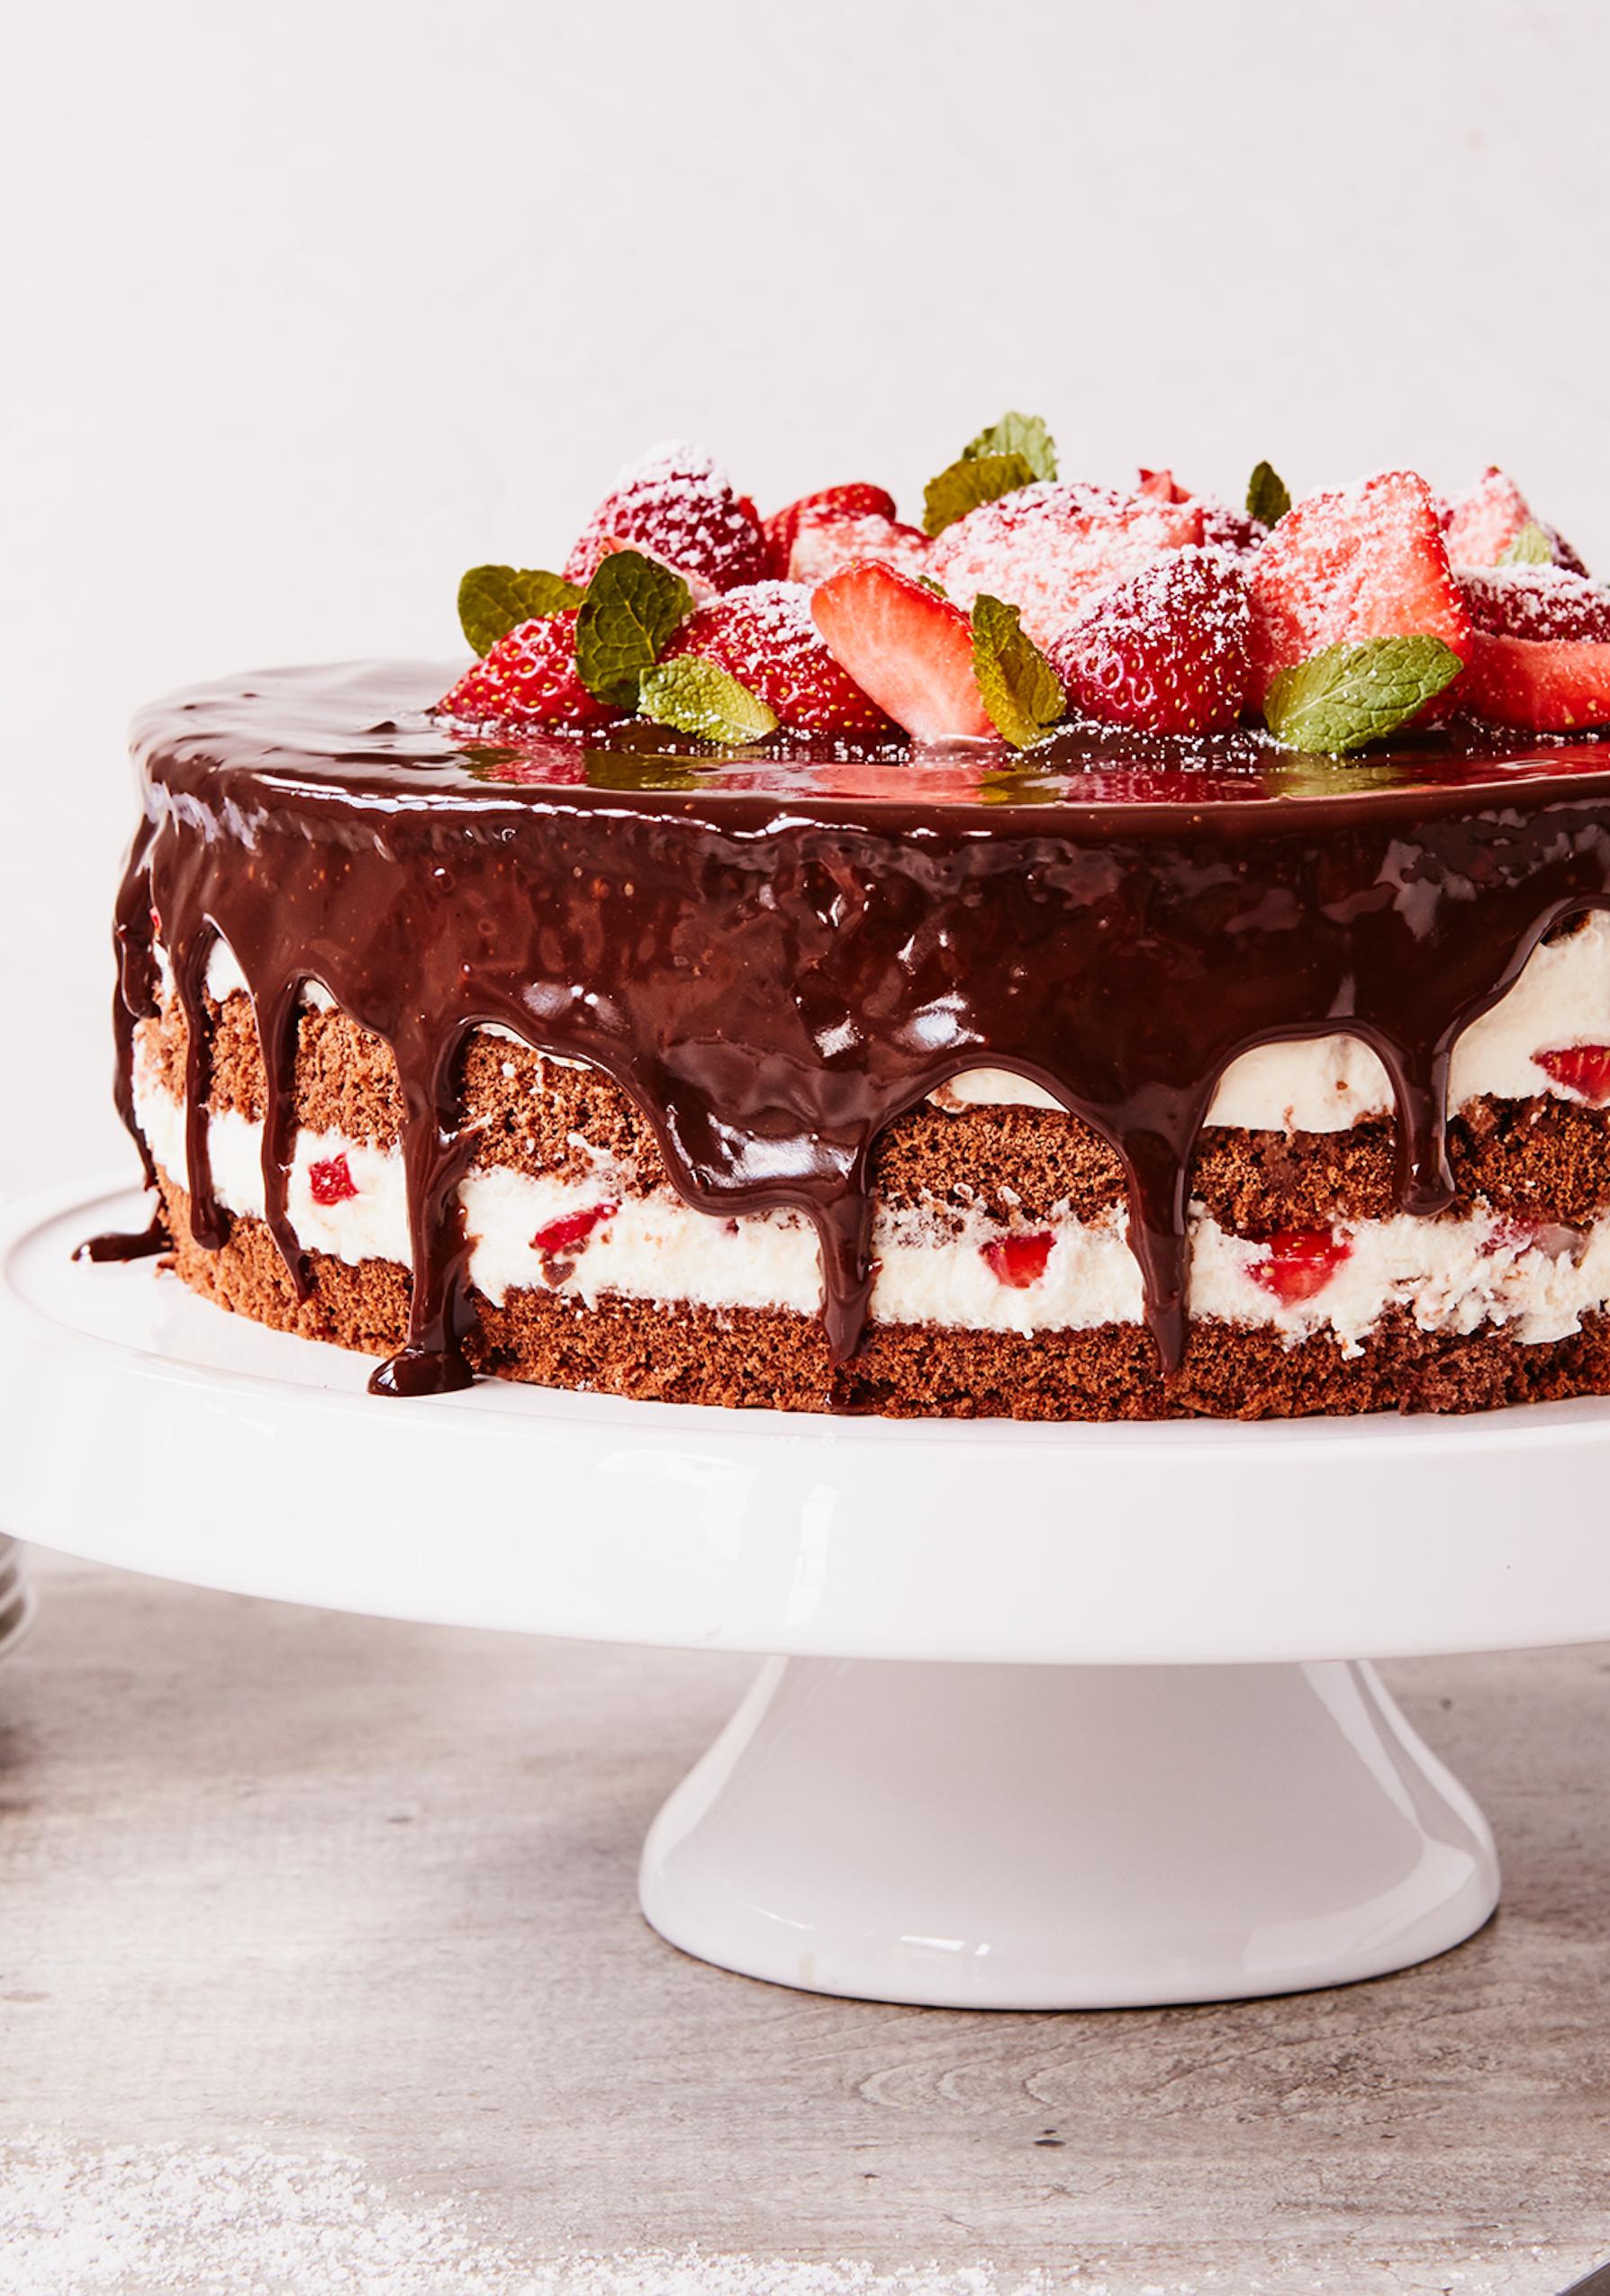 43+ Erdbeer schoko sahne torte Trends